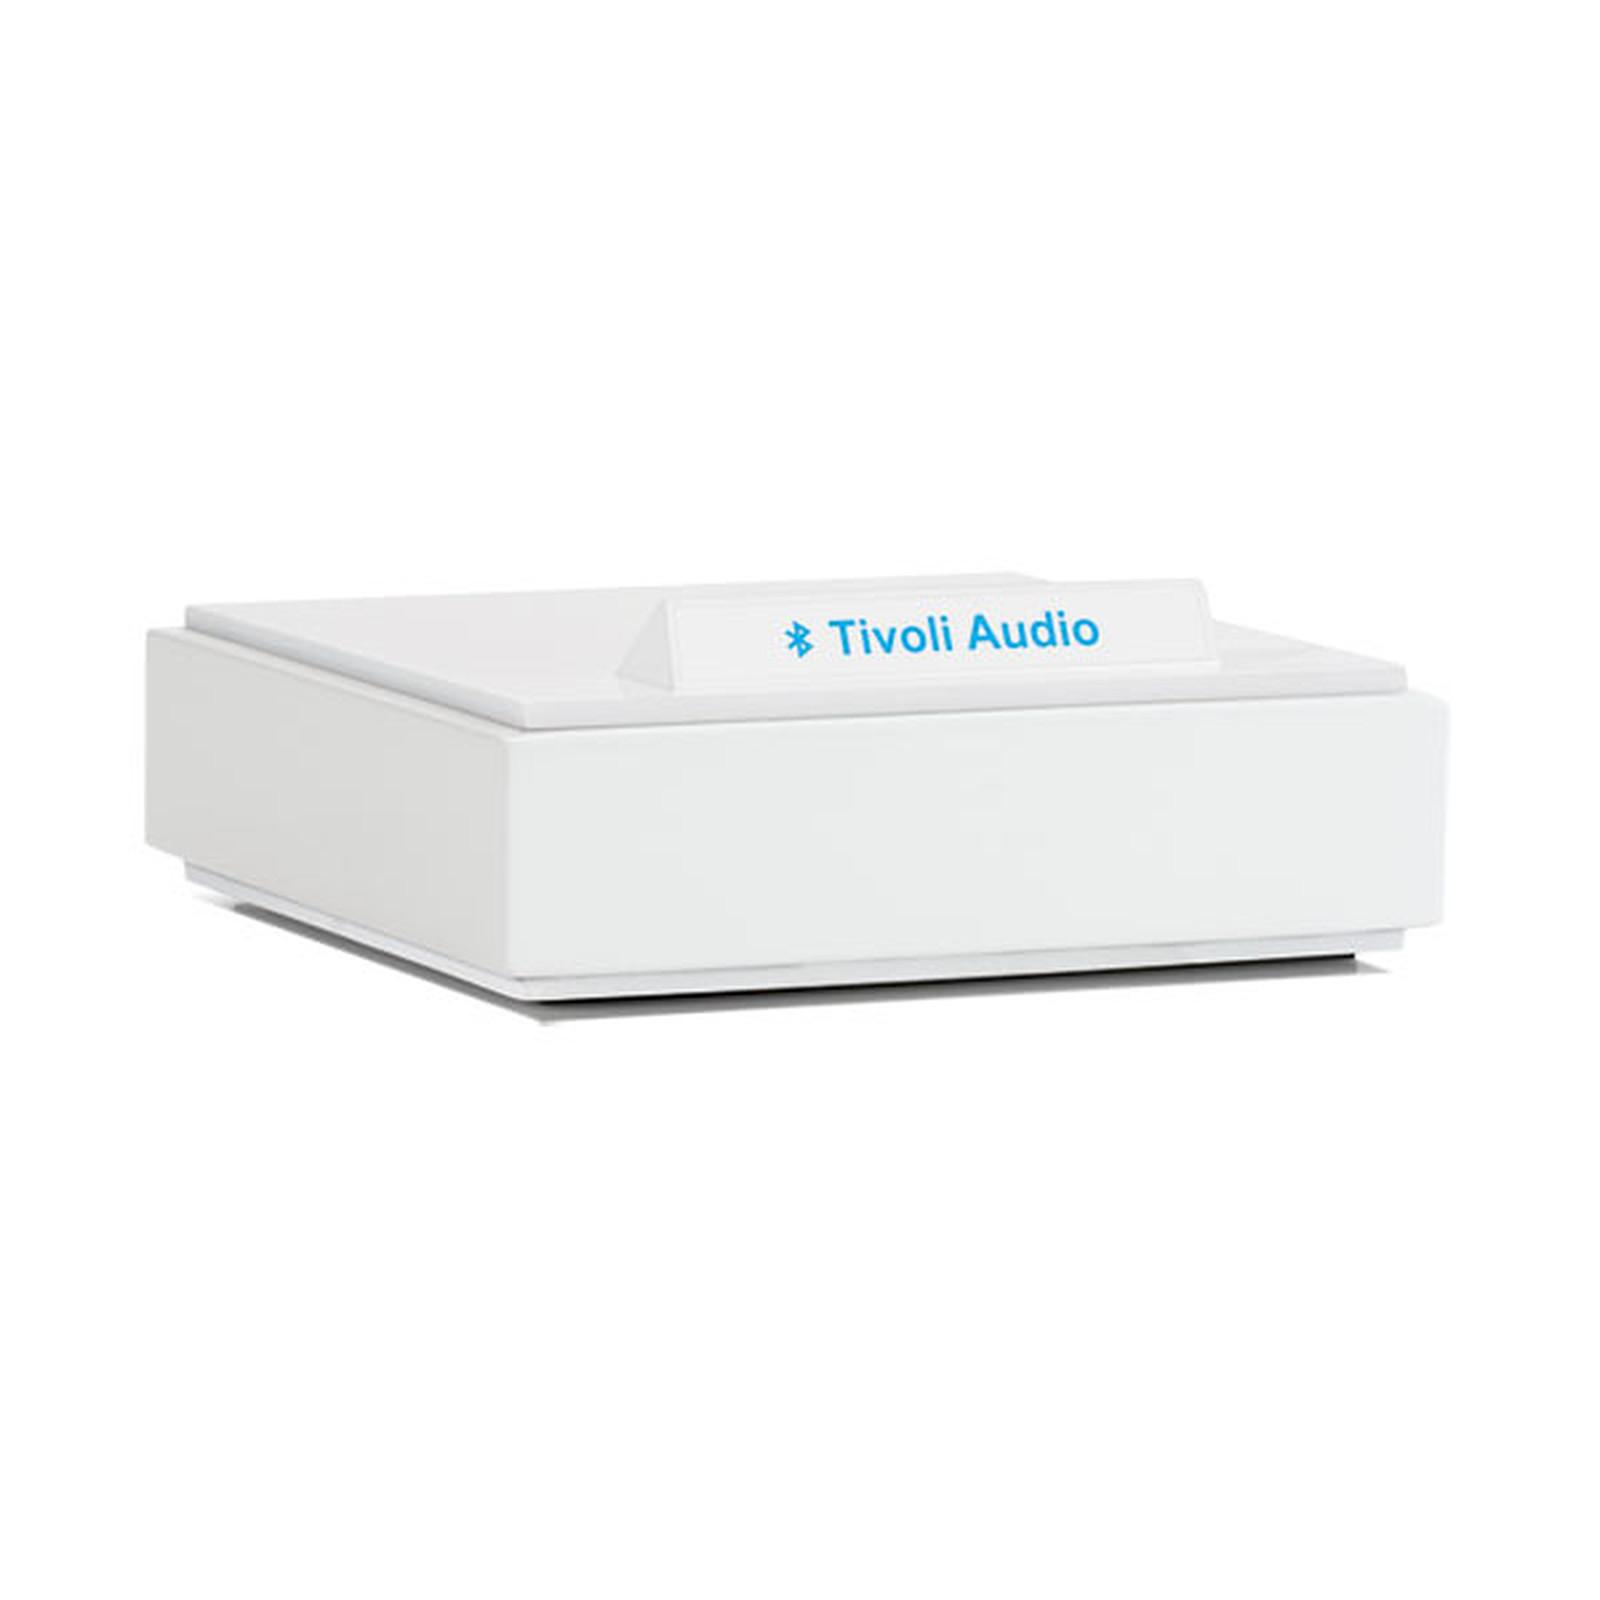 Tivoli Audio BluCon Blanc Laqué